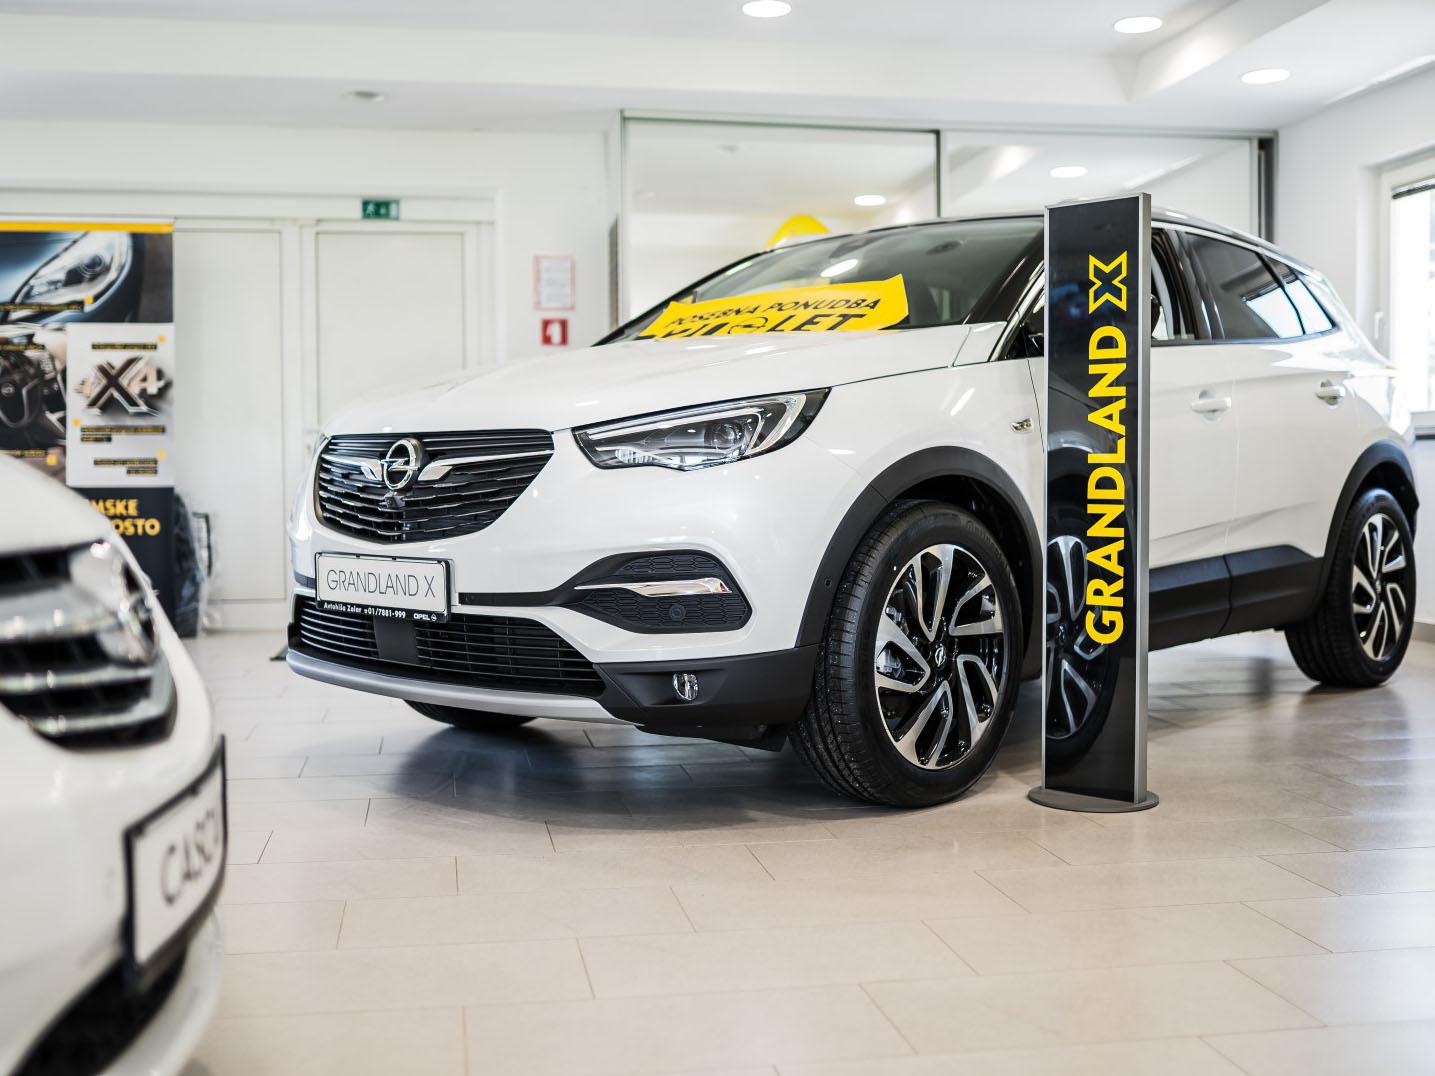 avtohisa-zalar-opel-nova-rabljena-vozila-avtomobili-servis-vzdrzevanje-zavarovanje-registracija-nakup-garancija-jamst (60)